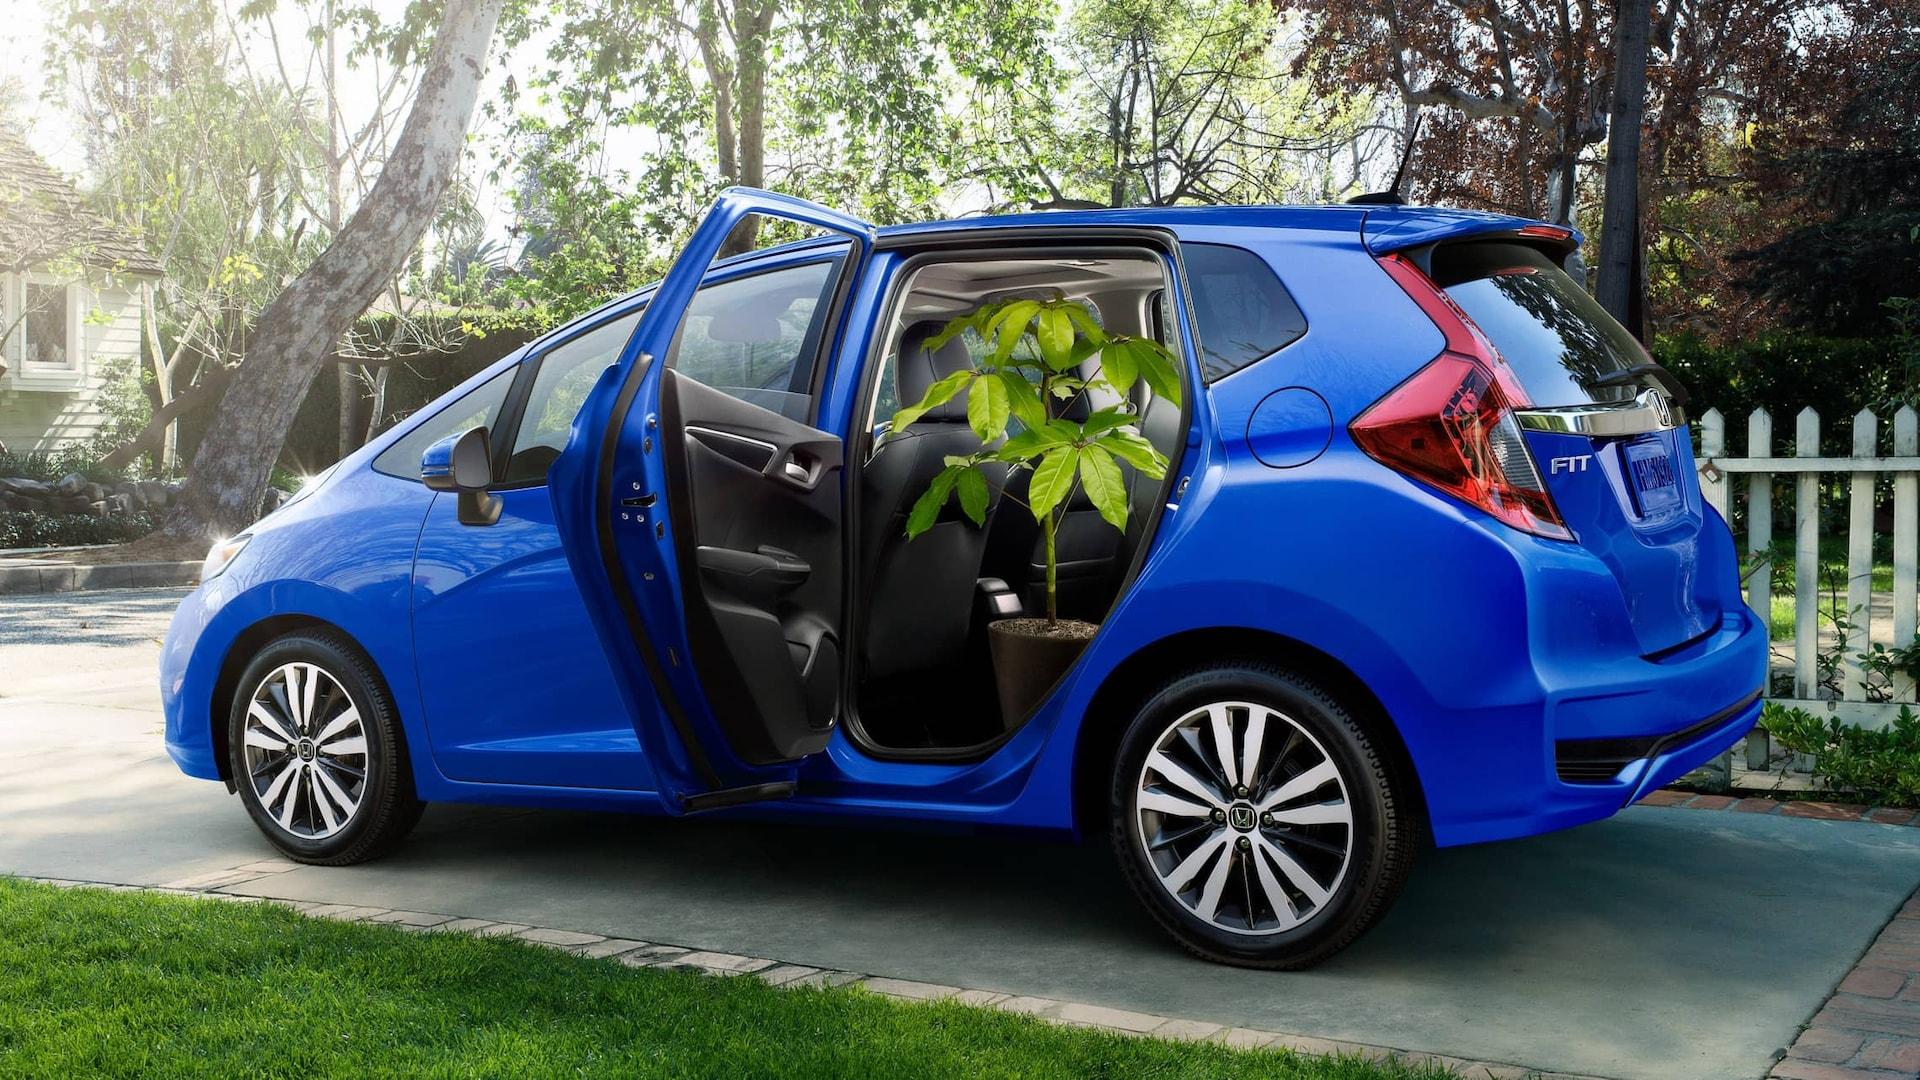 Vista trasera de7/8 desde el lado del pasajero del Honda Fit EX-L2019 en Aegean Blue Metallic con asientos Magic Seat® plegados en la segunda fila y accesorios originales de Honda.